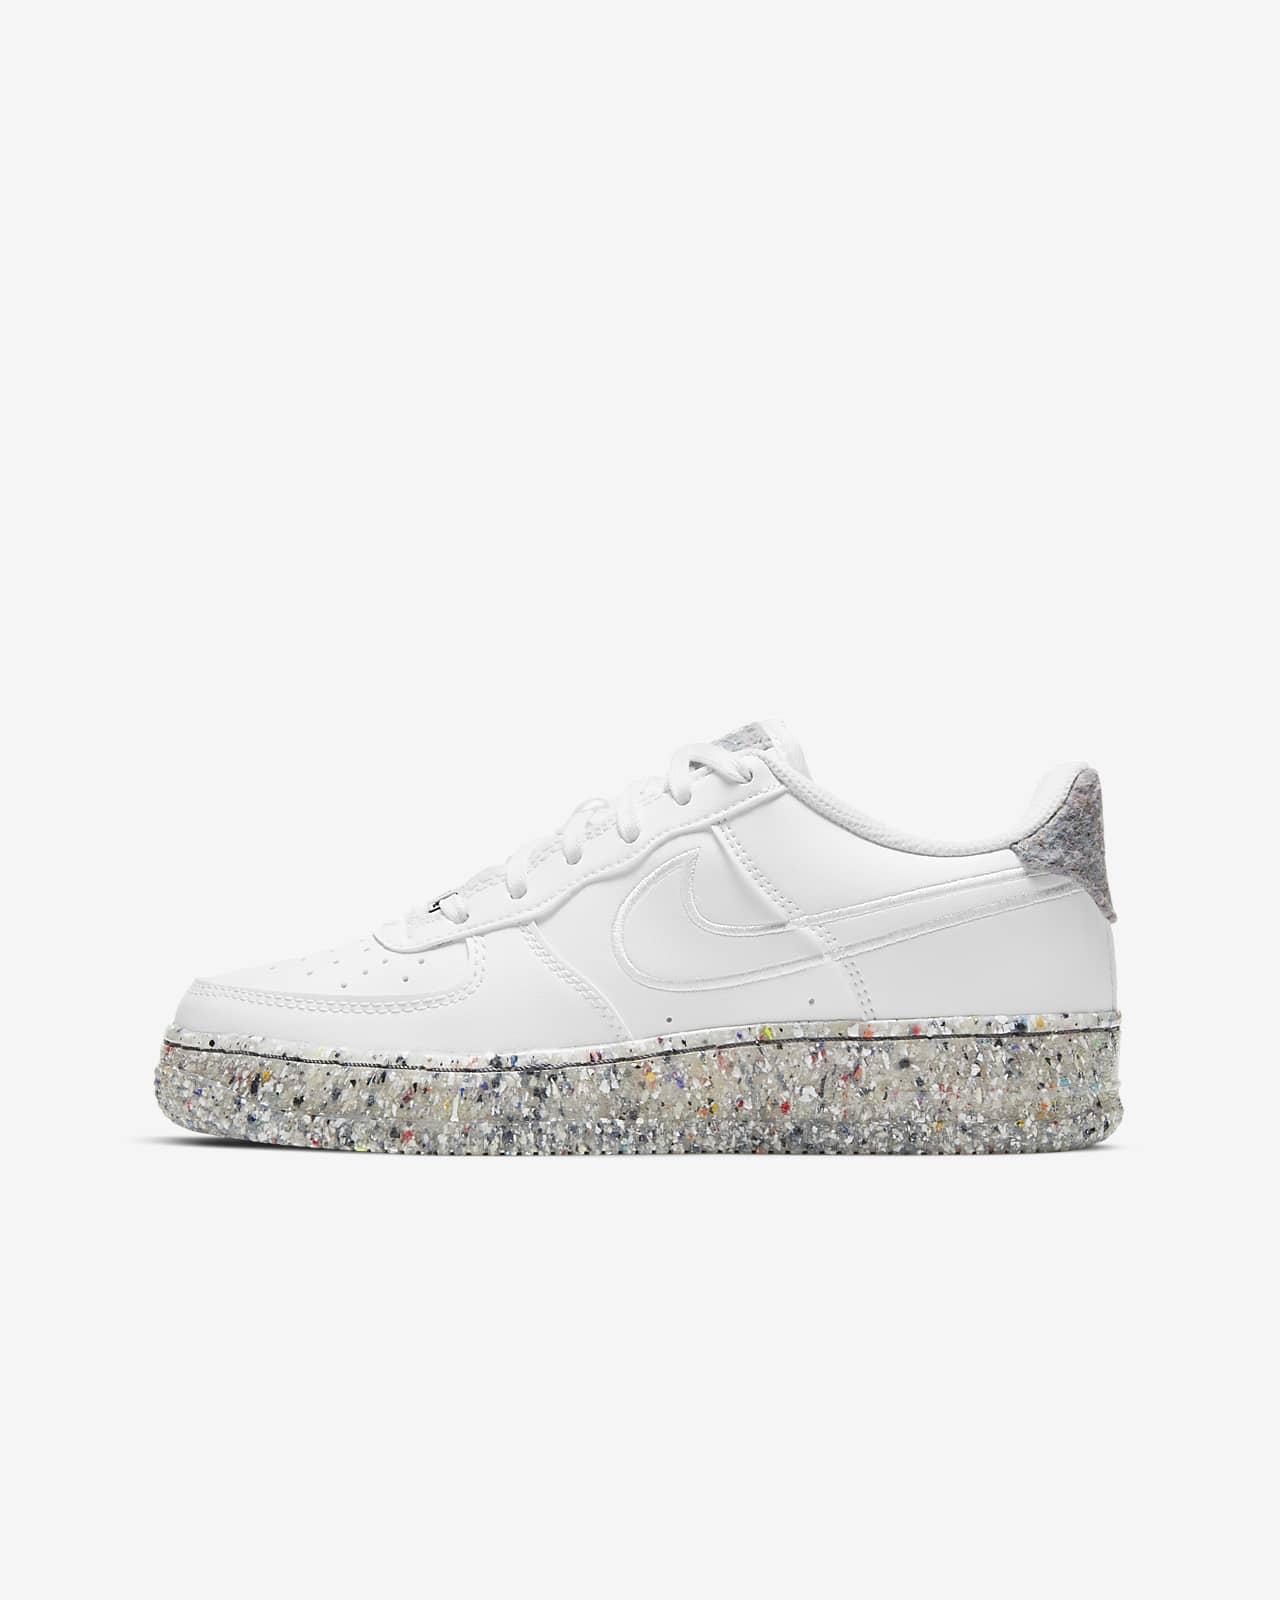 รองเท้าเด็กโต Nike Air Force 1 Impact